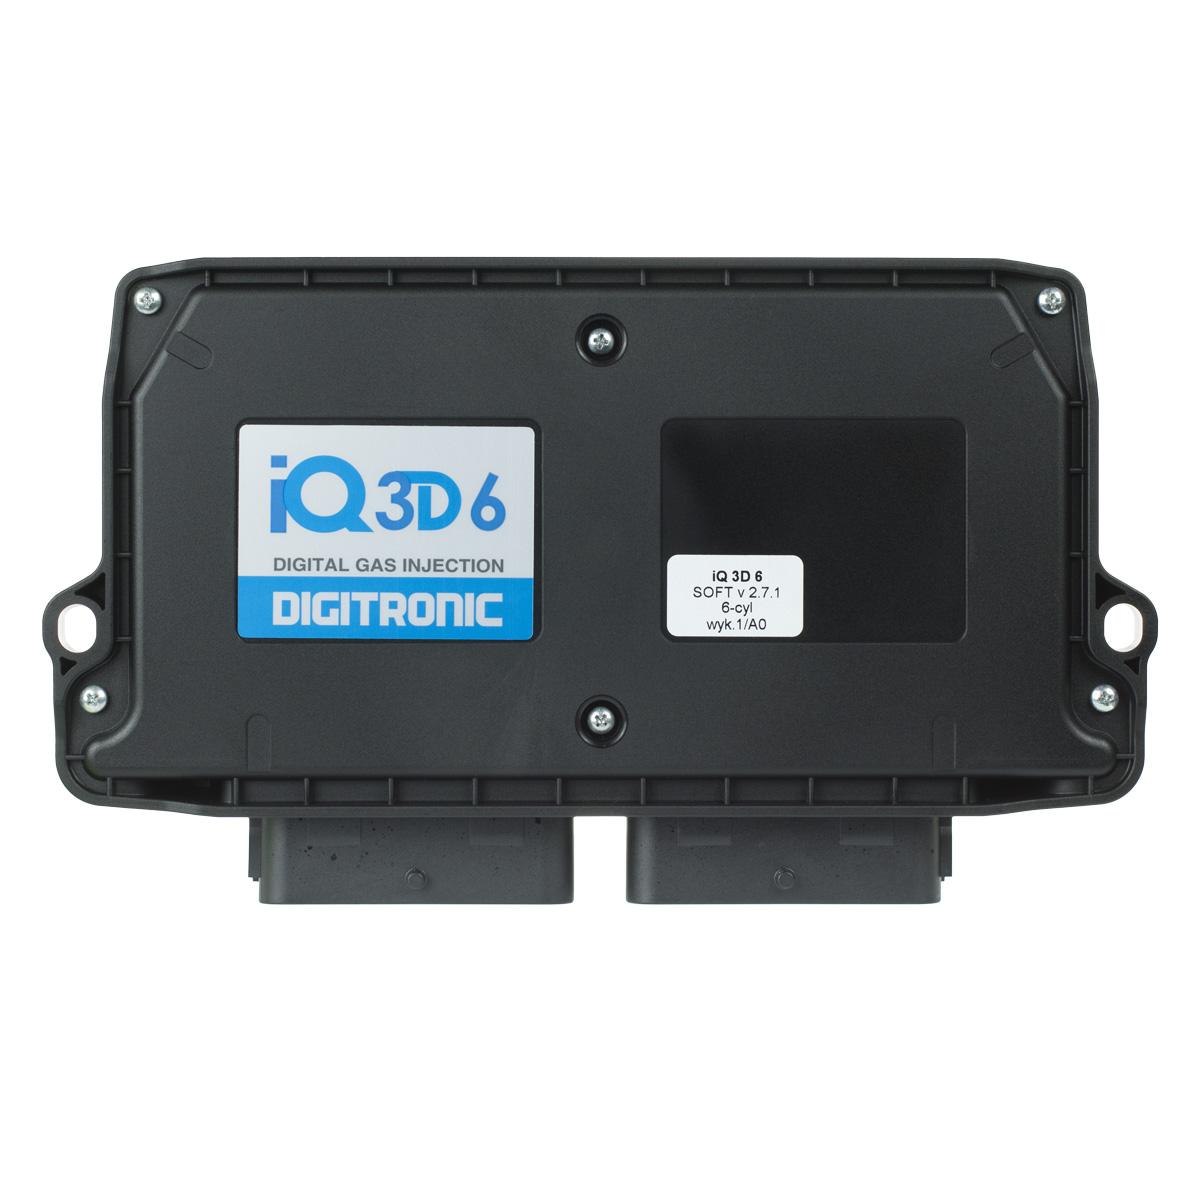 DIGITRONIC 3D iQ6